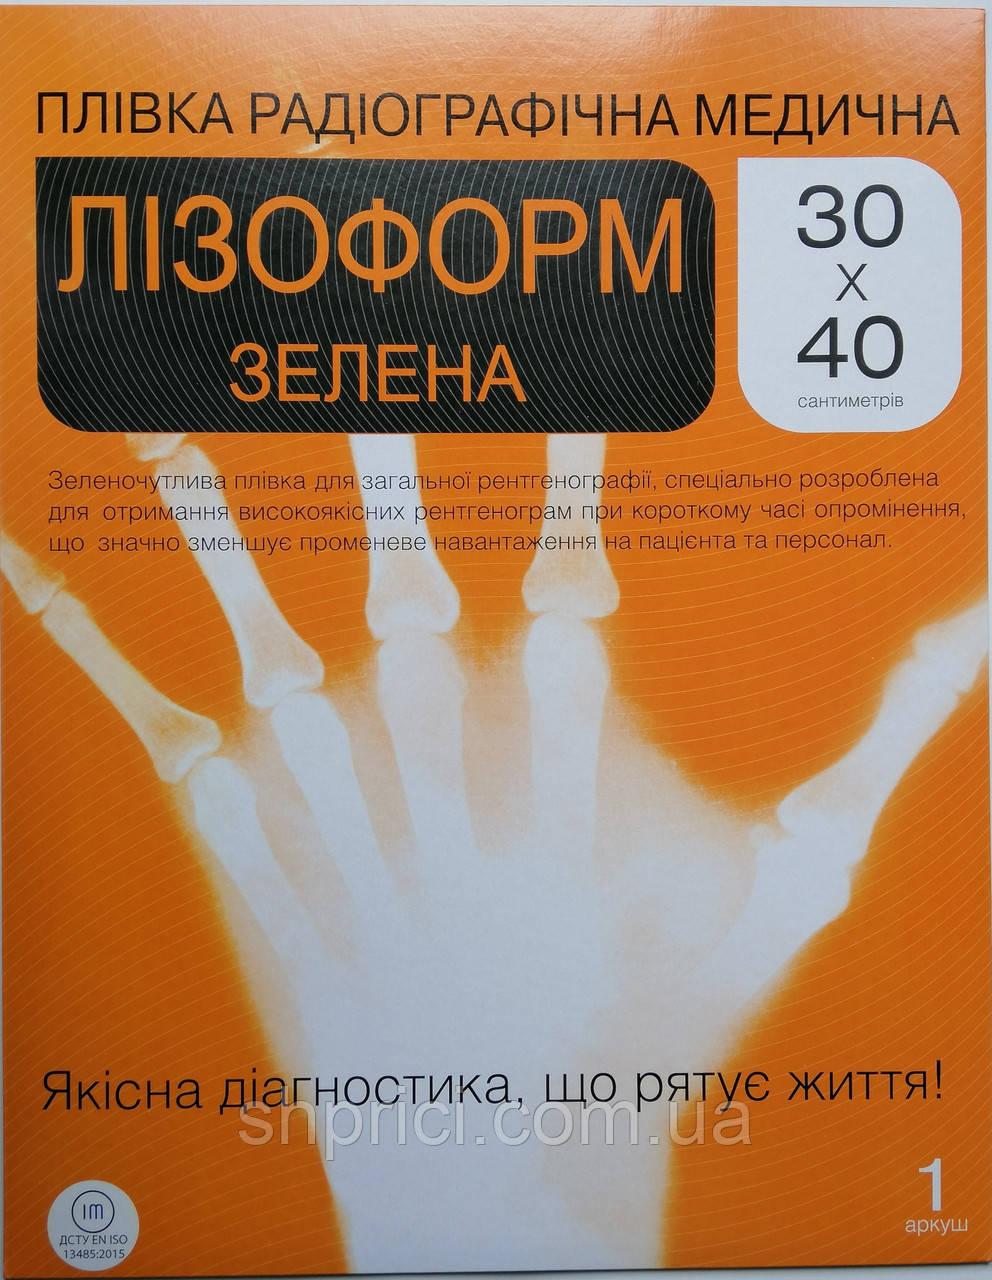 Рентгеновская пленка зеленая 30х40см/ Лизоформ